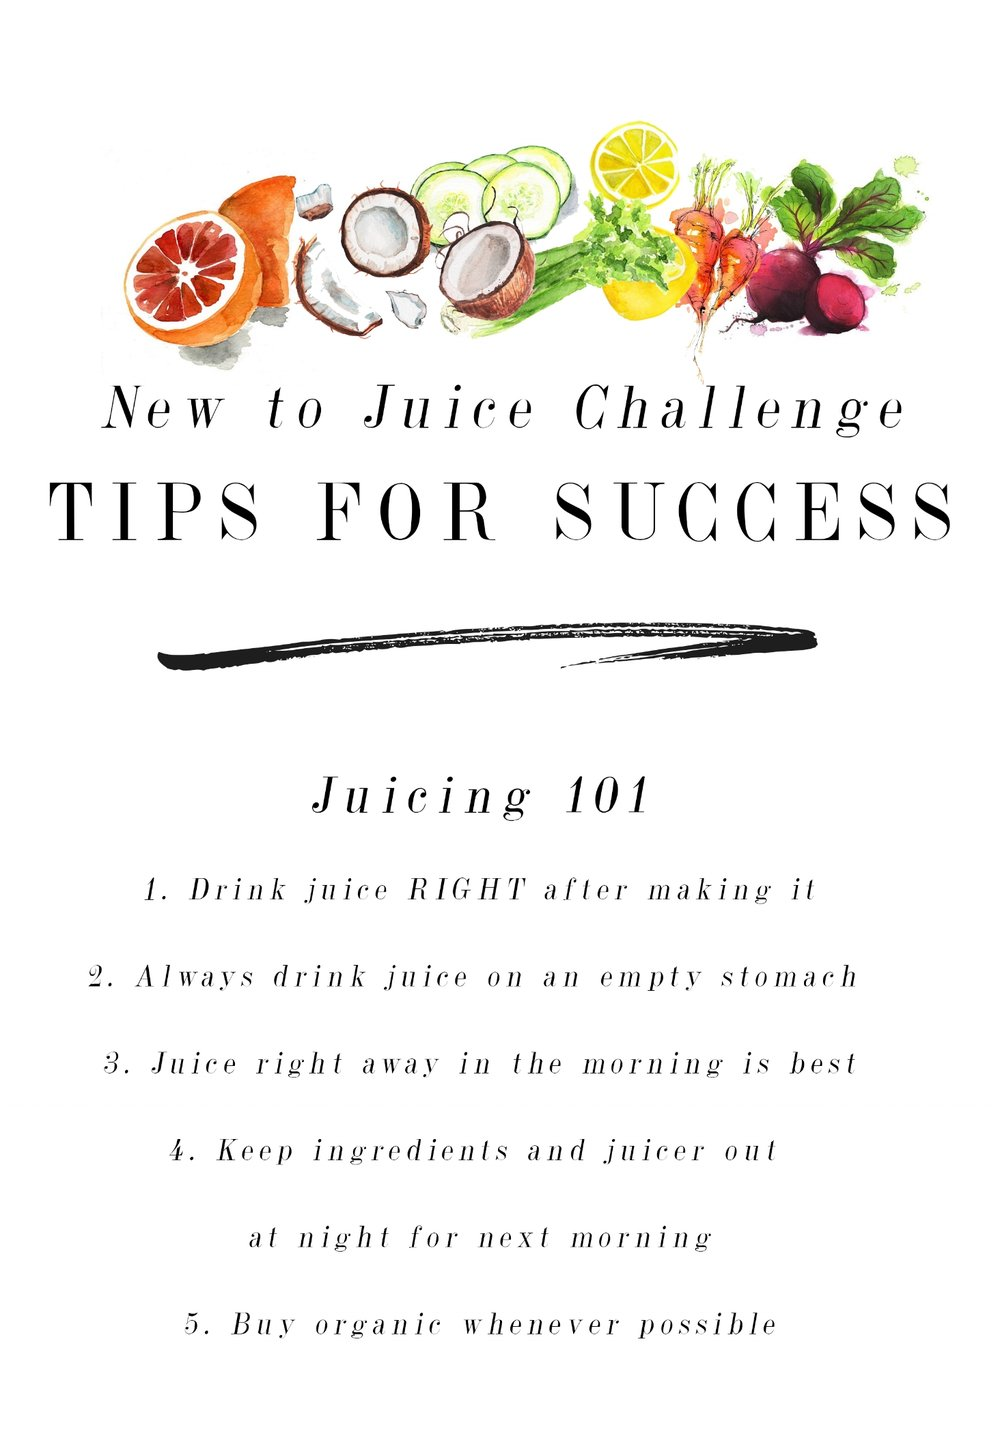 juicing101.jpg